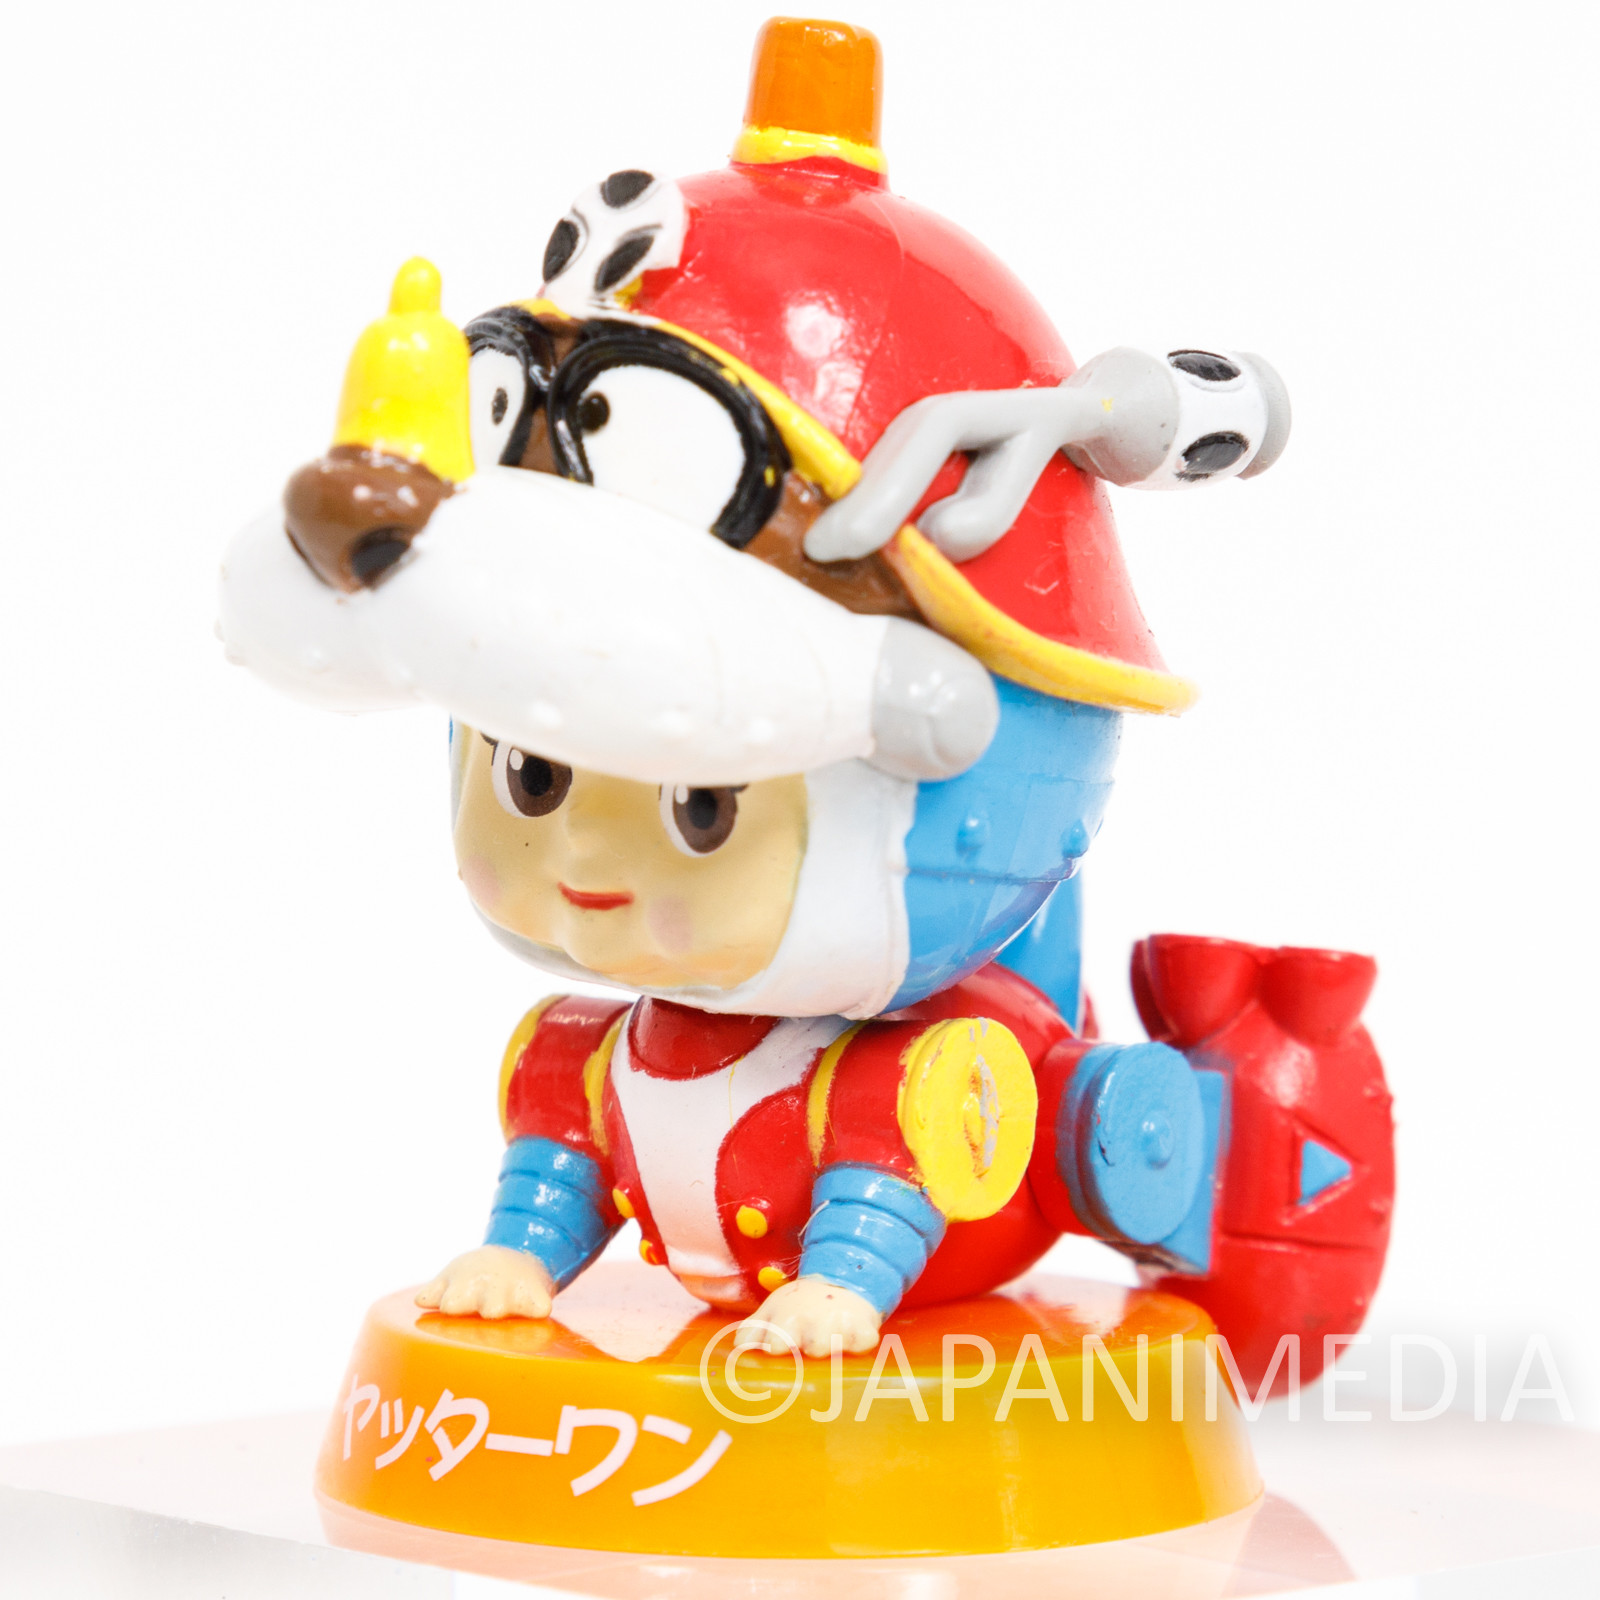 Yatterman Yatterwan x Kewsion Kewpie Figure Tatsunoko Pro Toyfull JAPAN ANIME